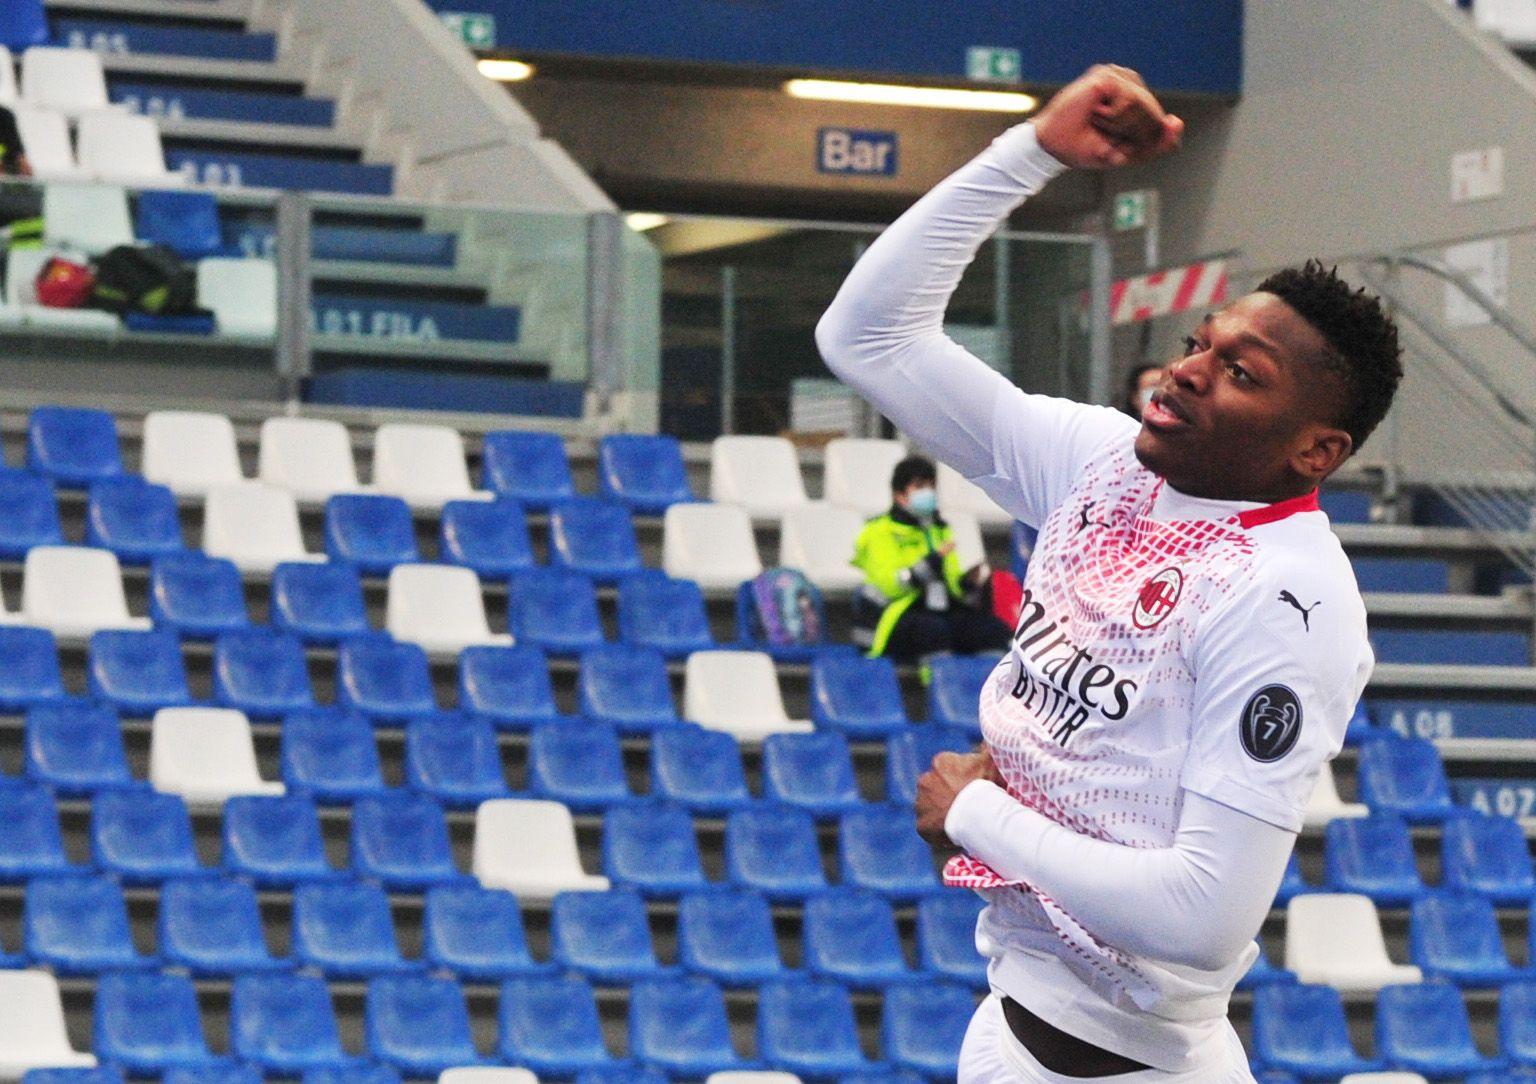 Leao anotó a los 6,7 segundos para el Milan y rompió el récord al gol más rápido en las ligas de Europa REUTERS/Jennifer Lorenzini